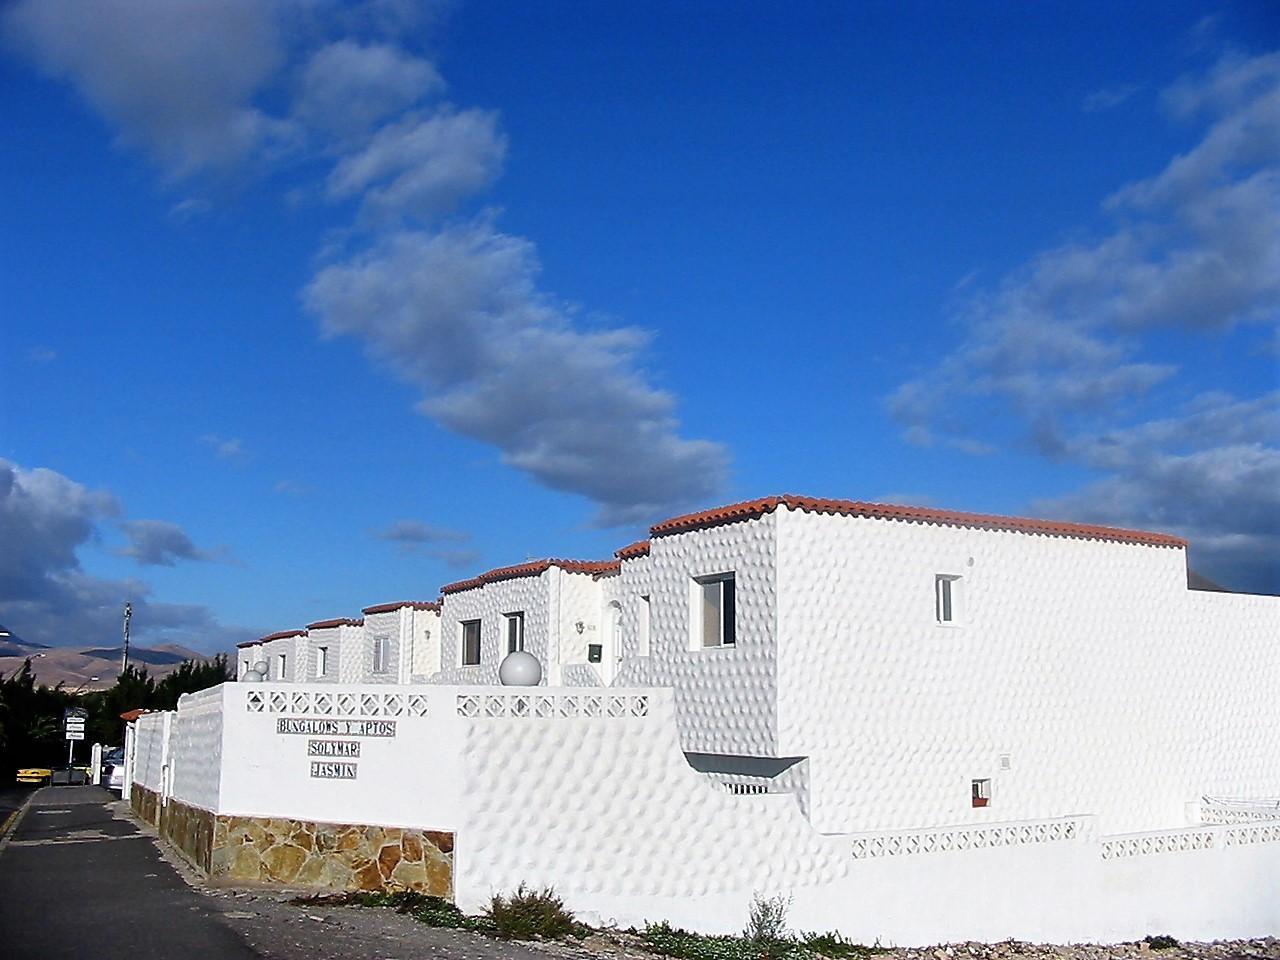 Ferienwohnung Penthouse / Apt. in der besten Gegend von Costa Calma, mit Blick auf eine große Terrasse a (487472), Costa Calma, Fuerteventura, Kanarische Inseln, Spanien, Bild 15